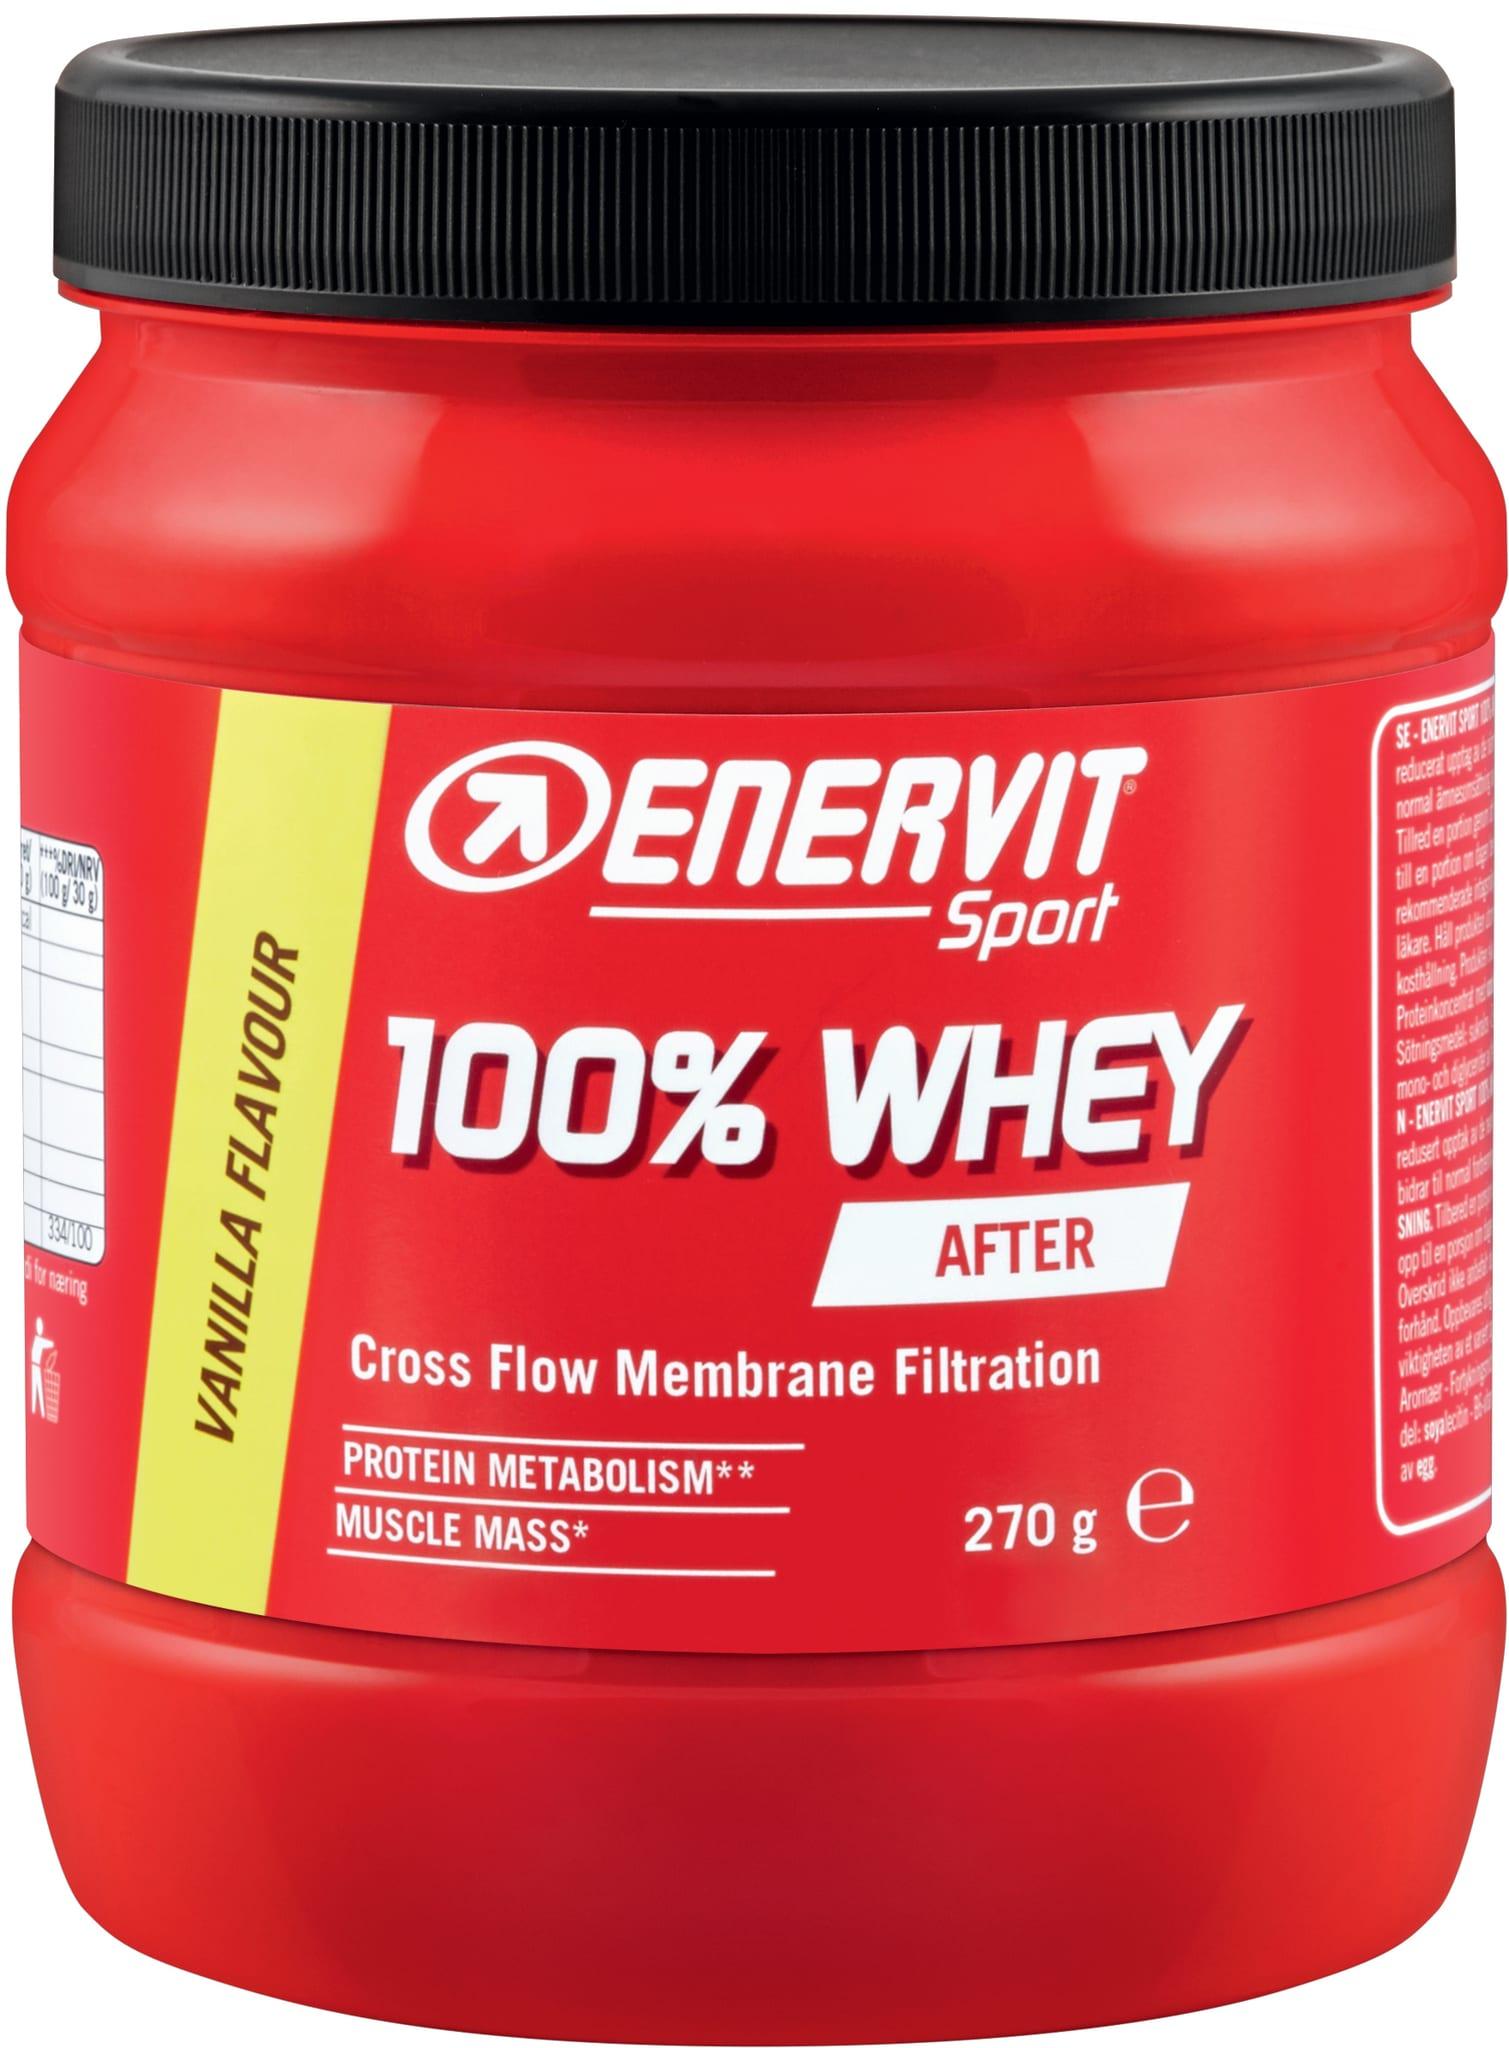 100% Whey Protein 270g